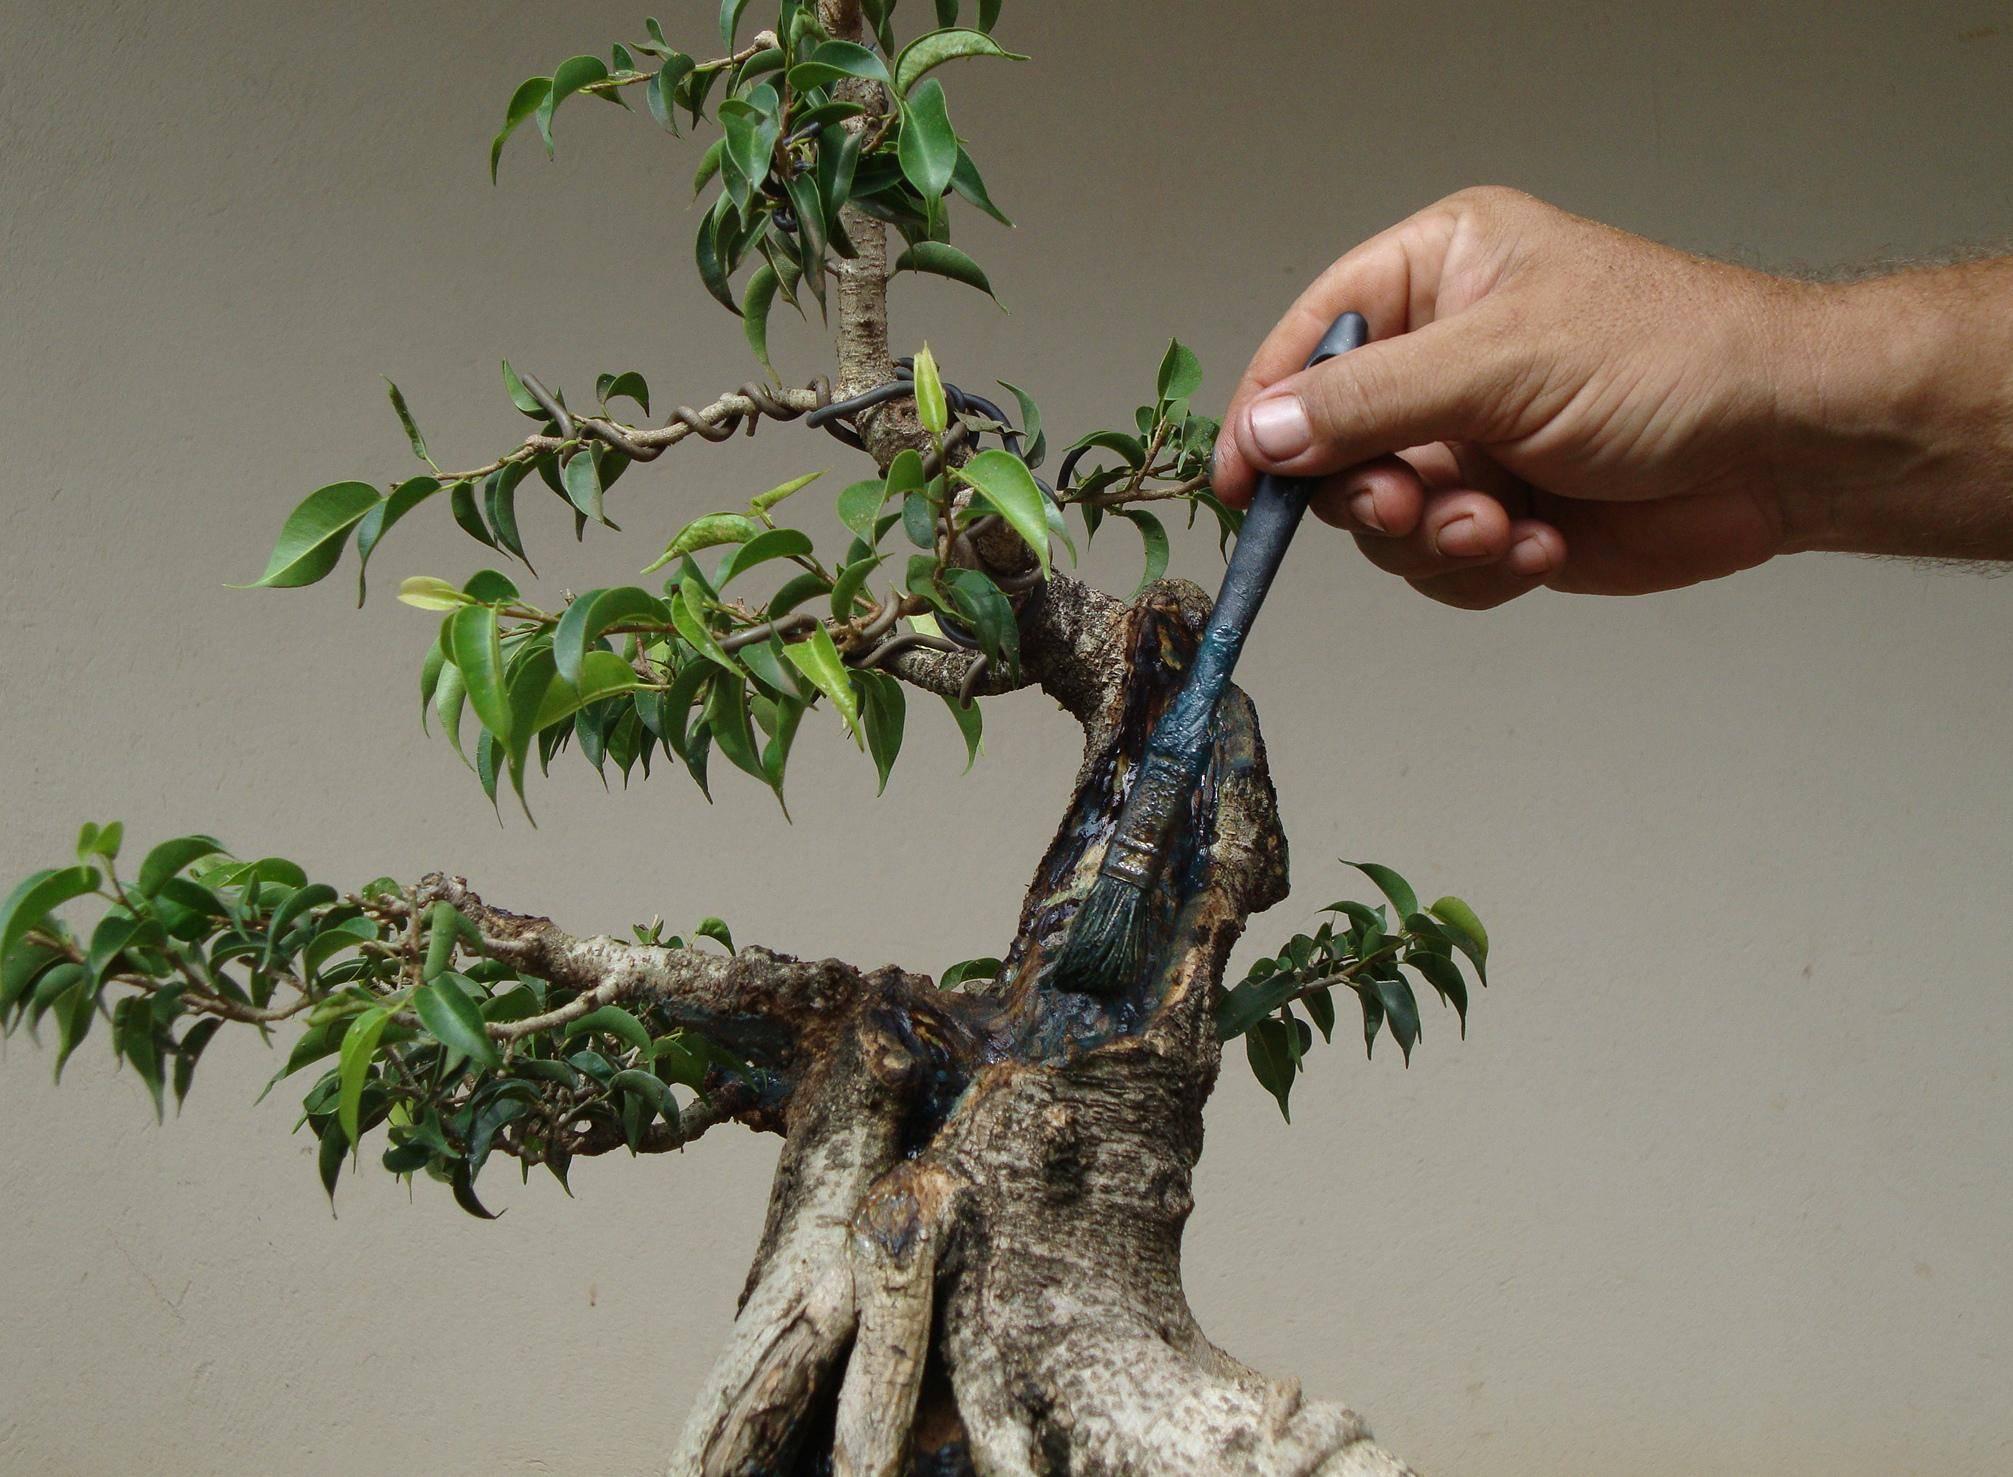 Как сделать бонсай из фикуса бенджамина своими руками. растим бонсай. все этапы до 7 лет. ч.1.